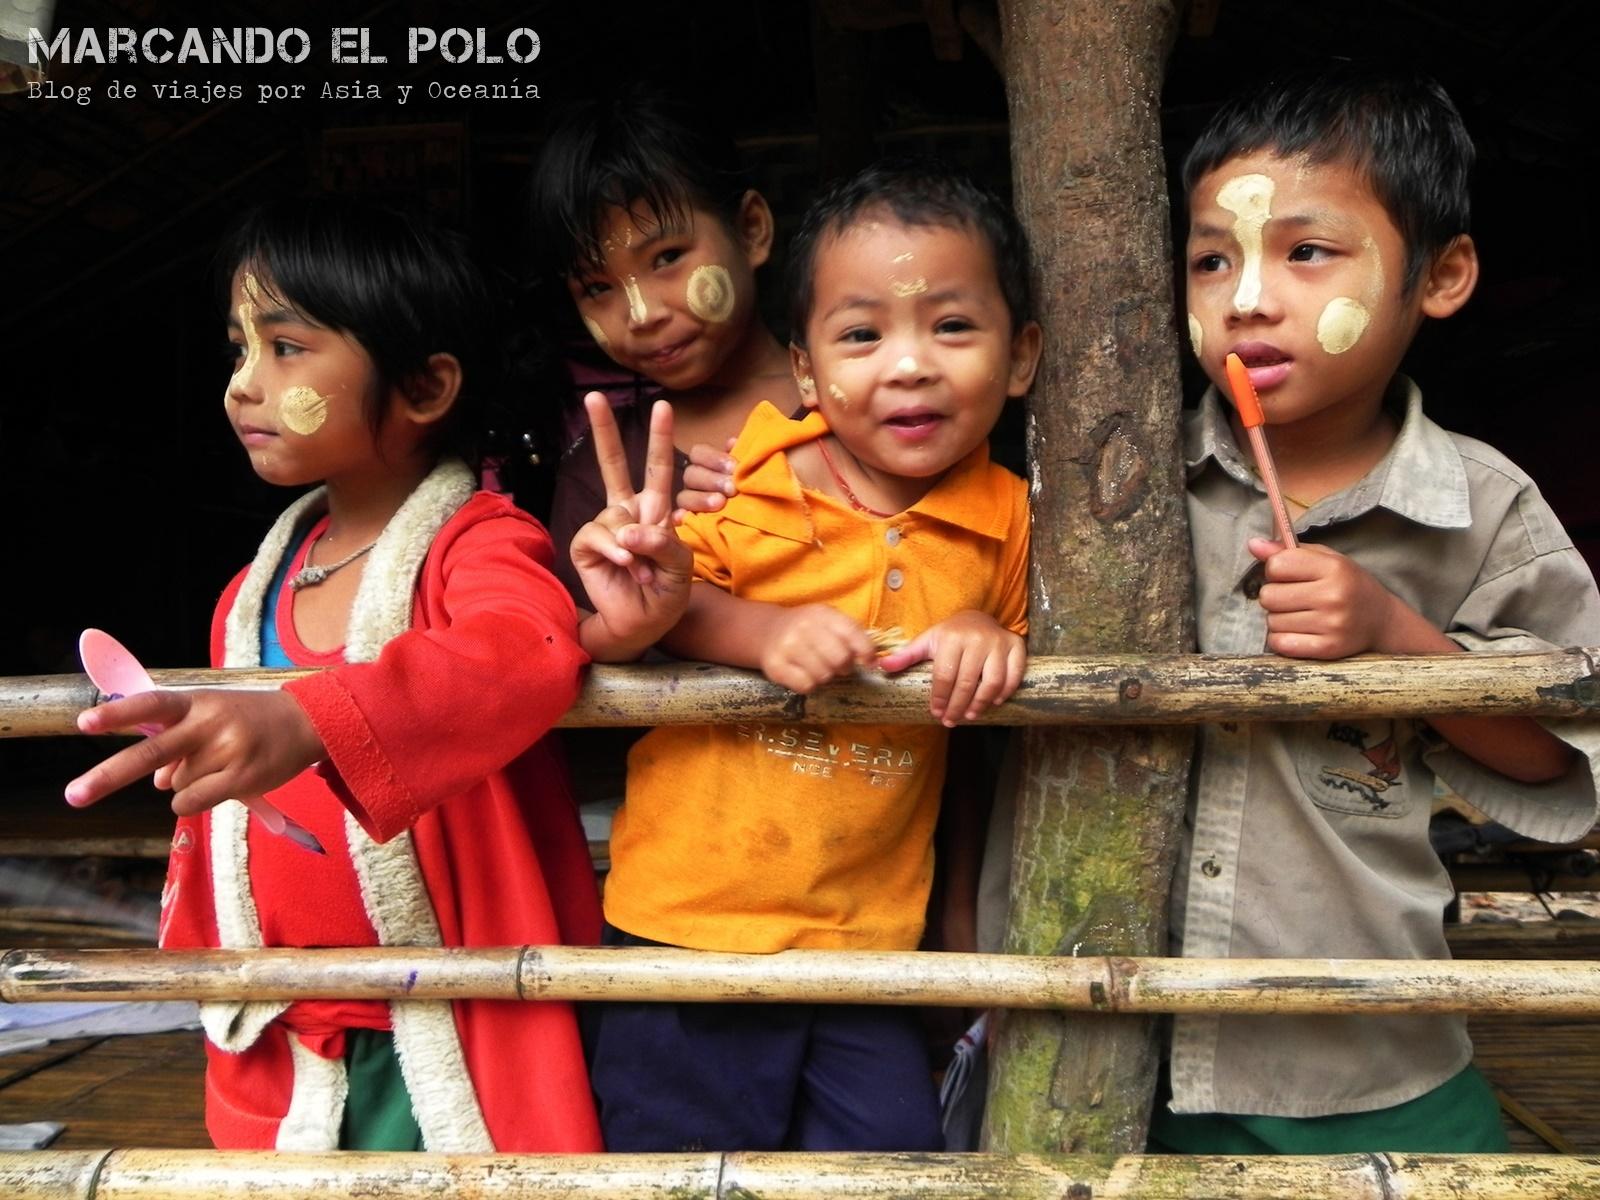 Y la sonrisa de los nenes llenos de tanaka! Entre otras cosas...